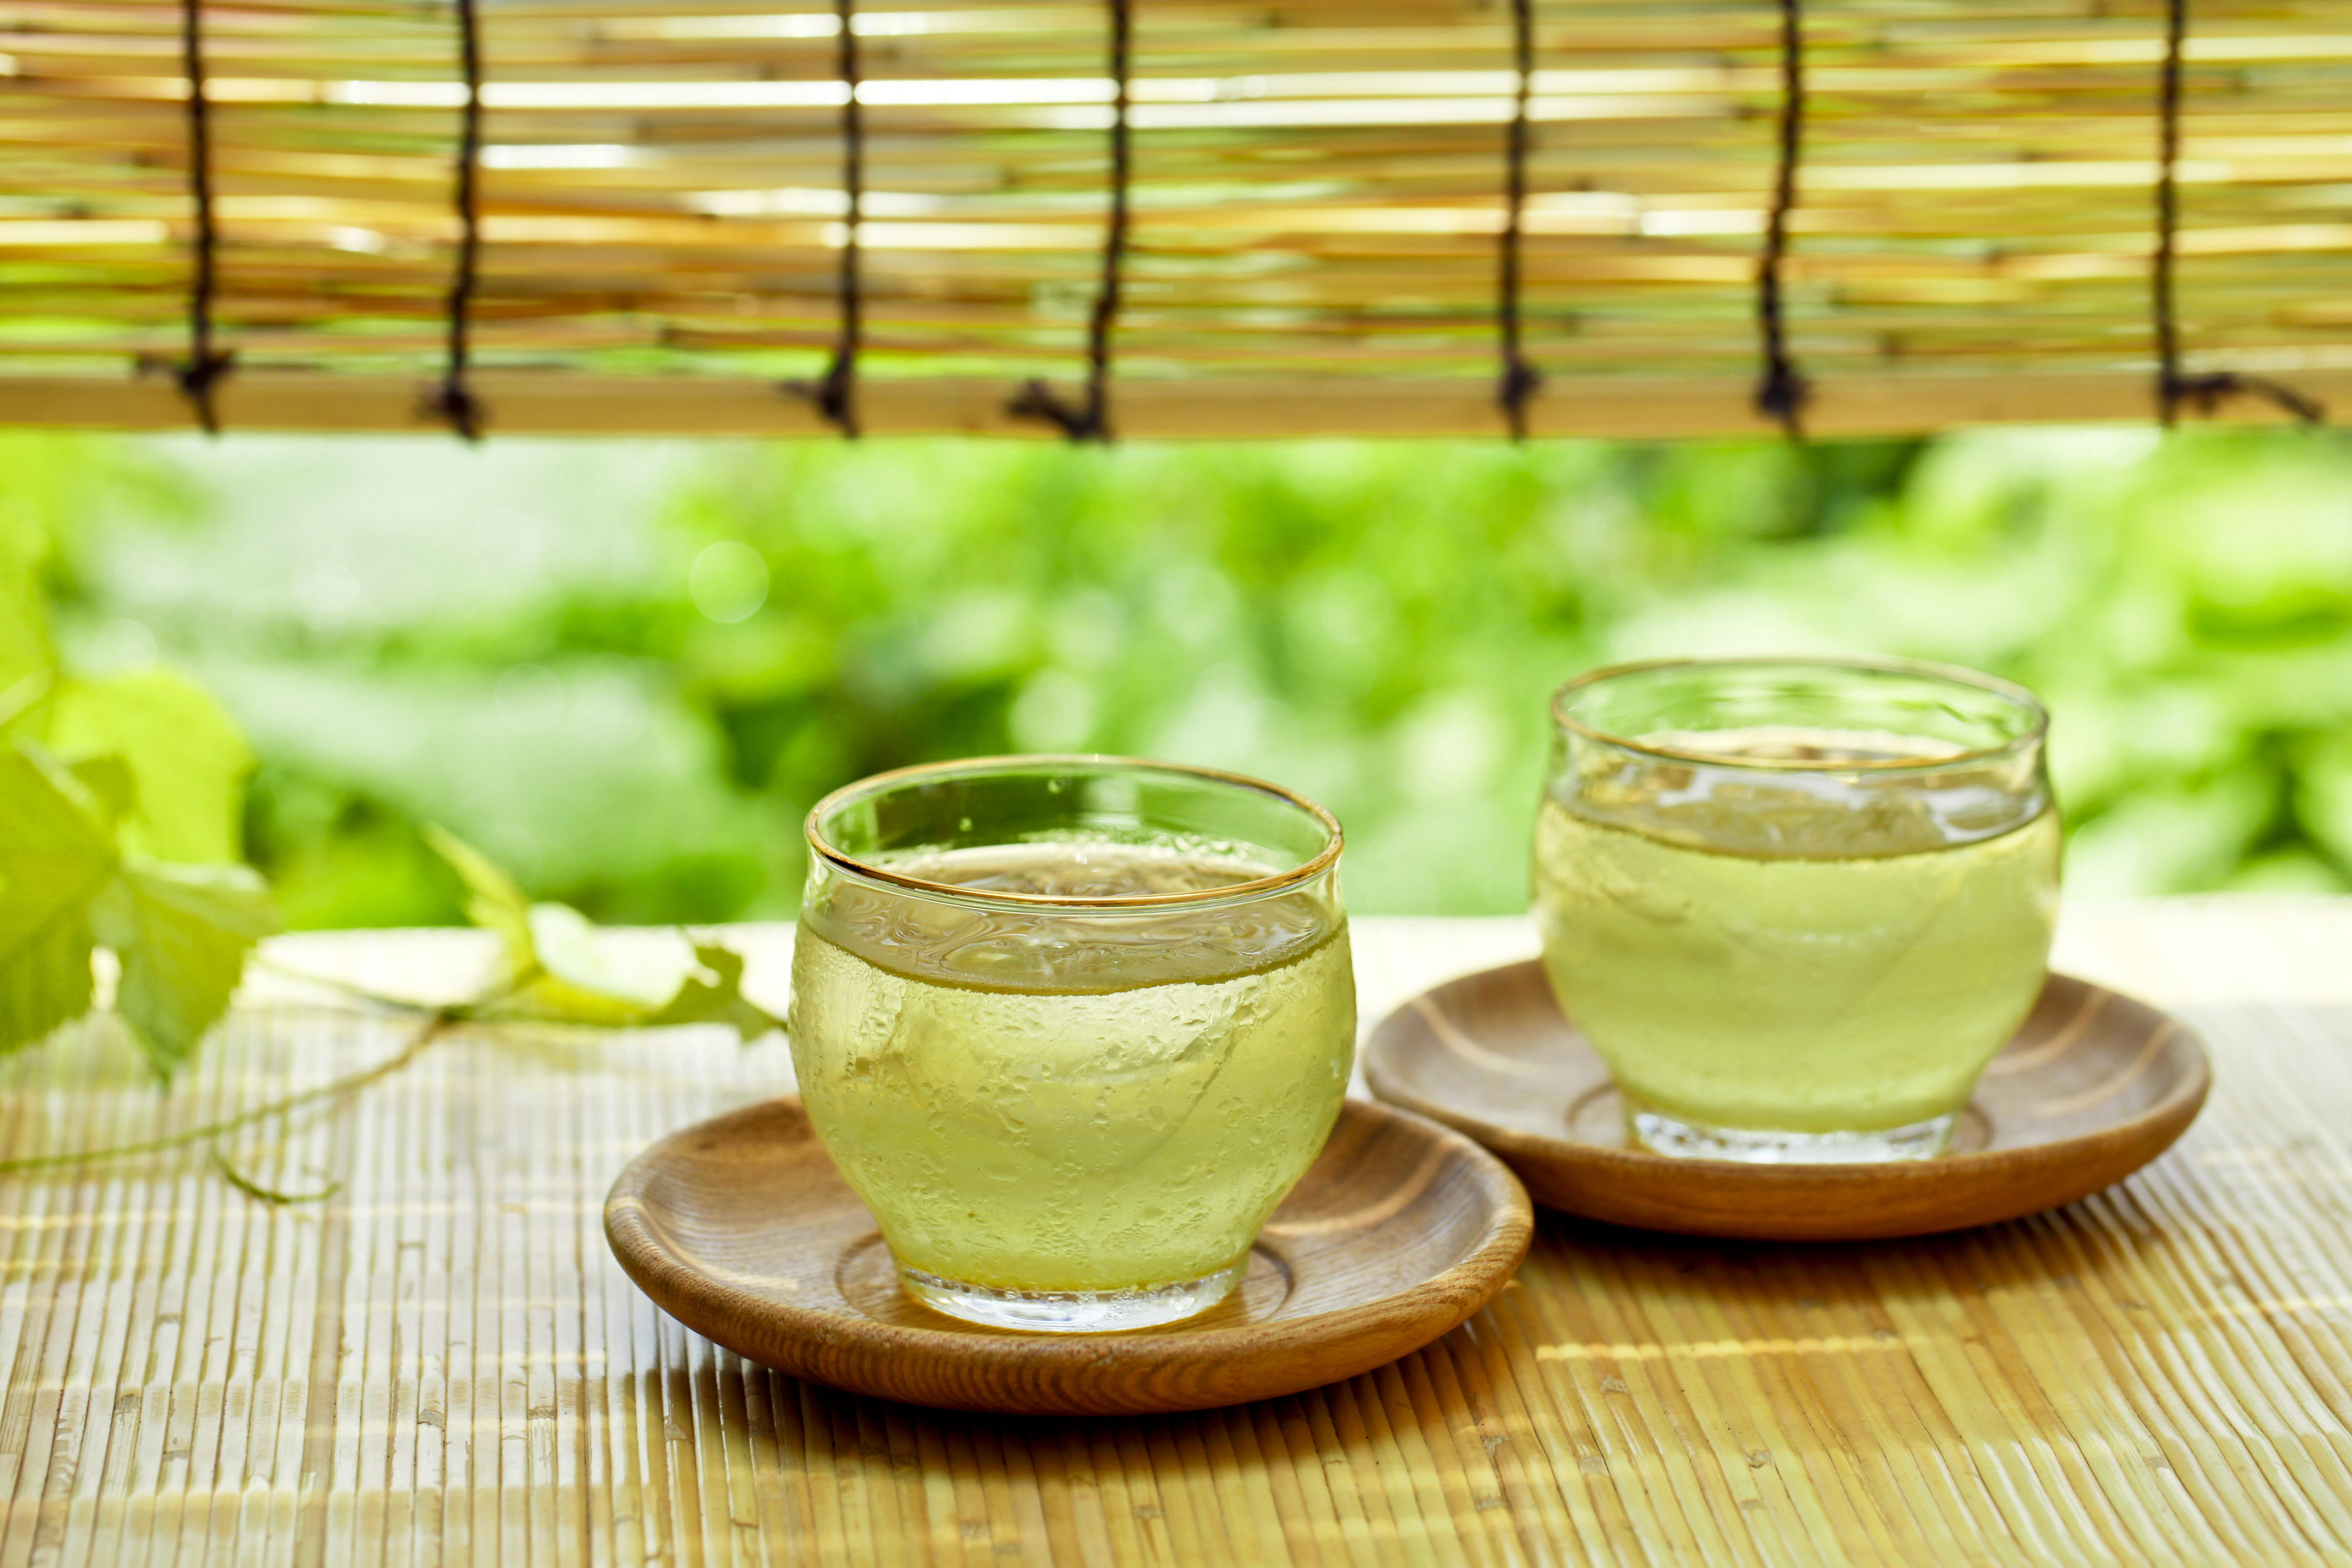 「茶飯事を日常に」パフォーマンスを落とさずに夏を乗り切る、緑茶のパワーとは